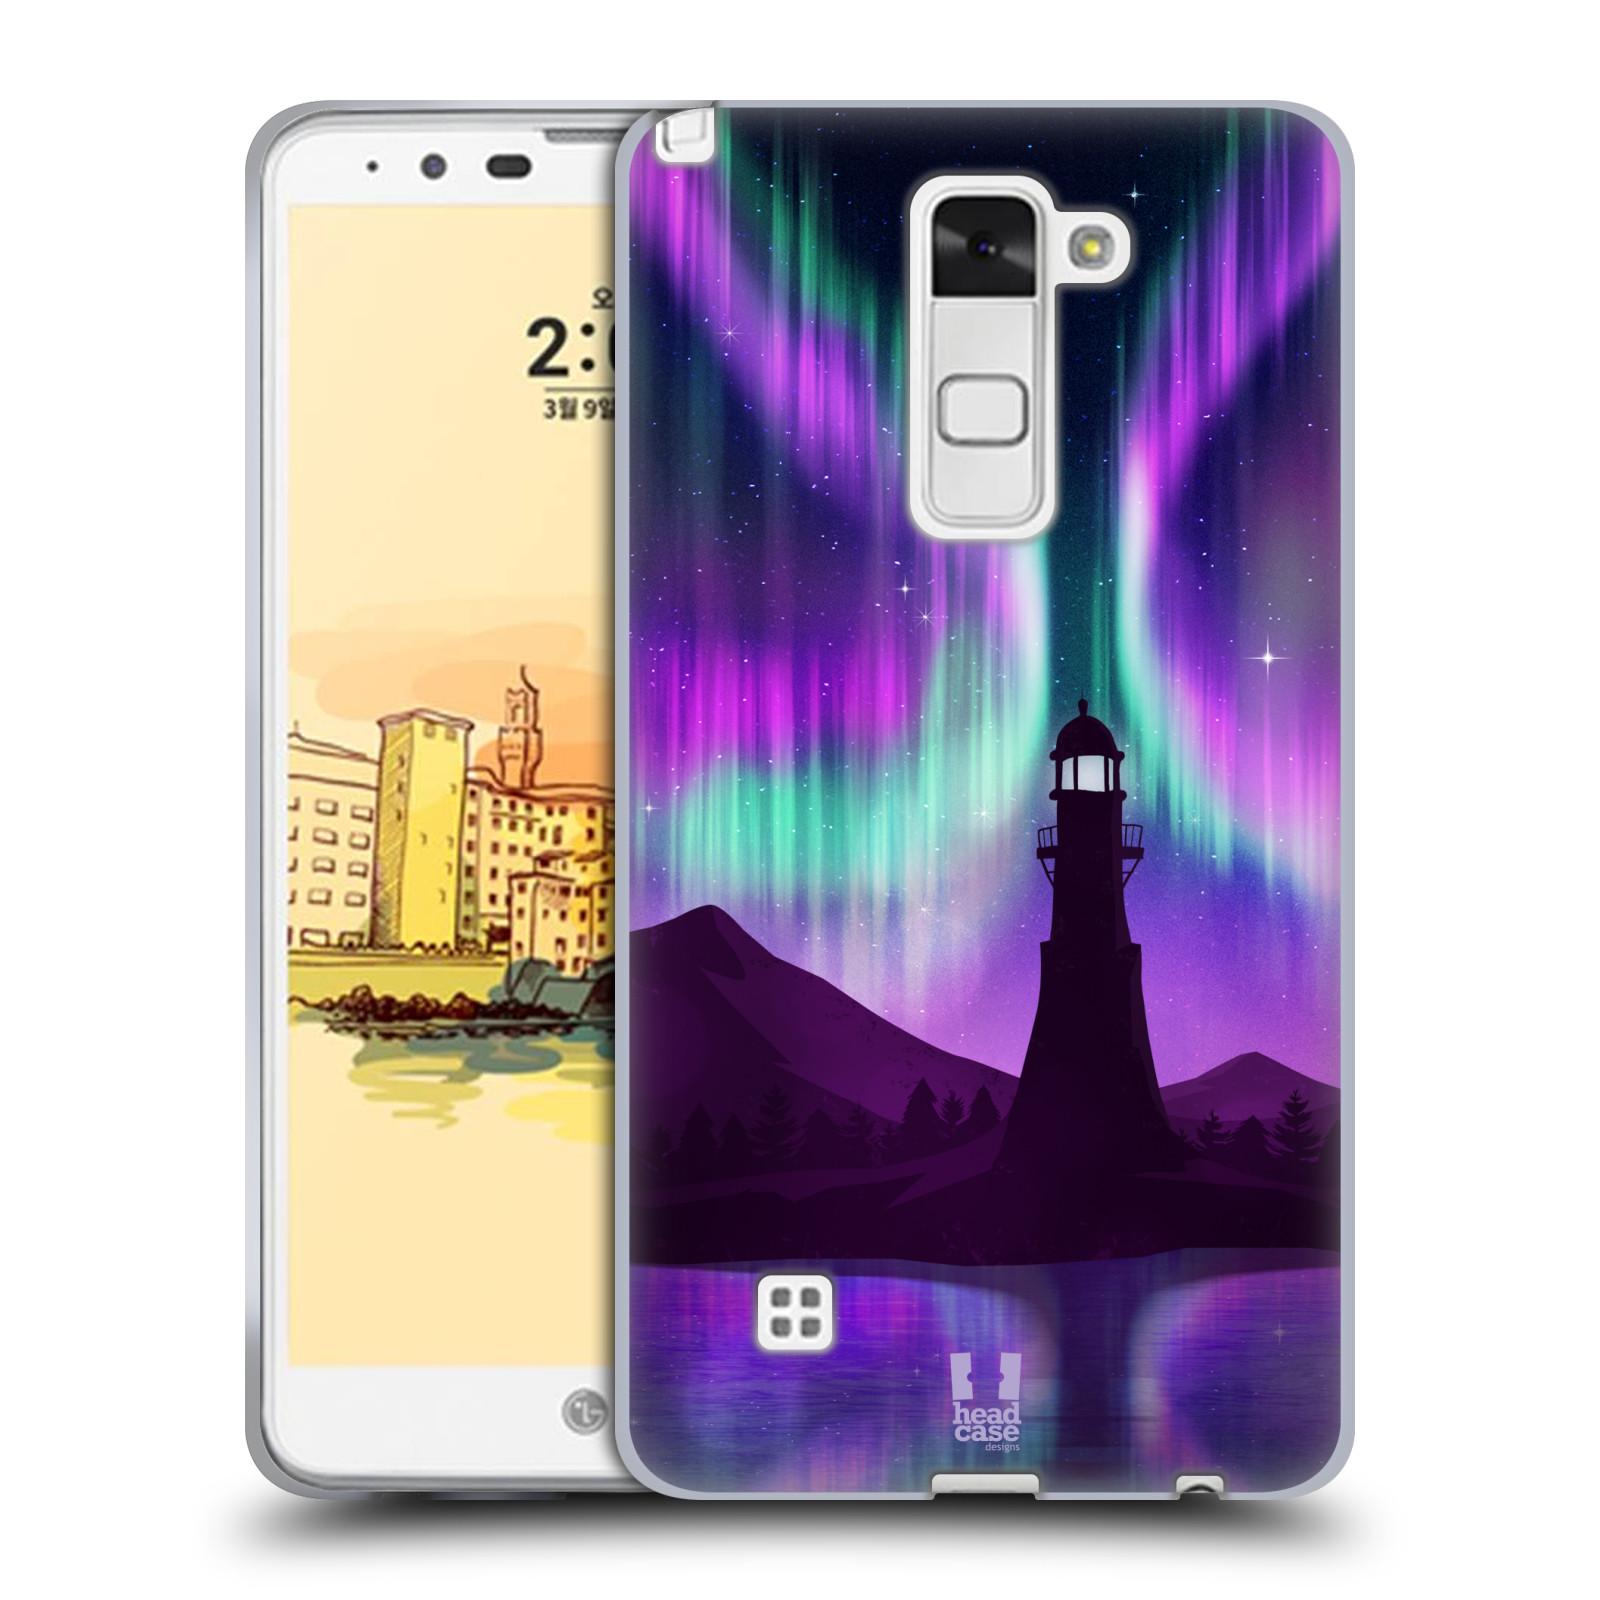 HEAD CASE silikonový obal na mobil LG Stylus 2 (K520) vzor Severní polární  záře FIALOVÁ MAJÁK 30d82d7884c